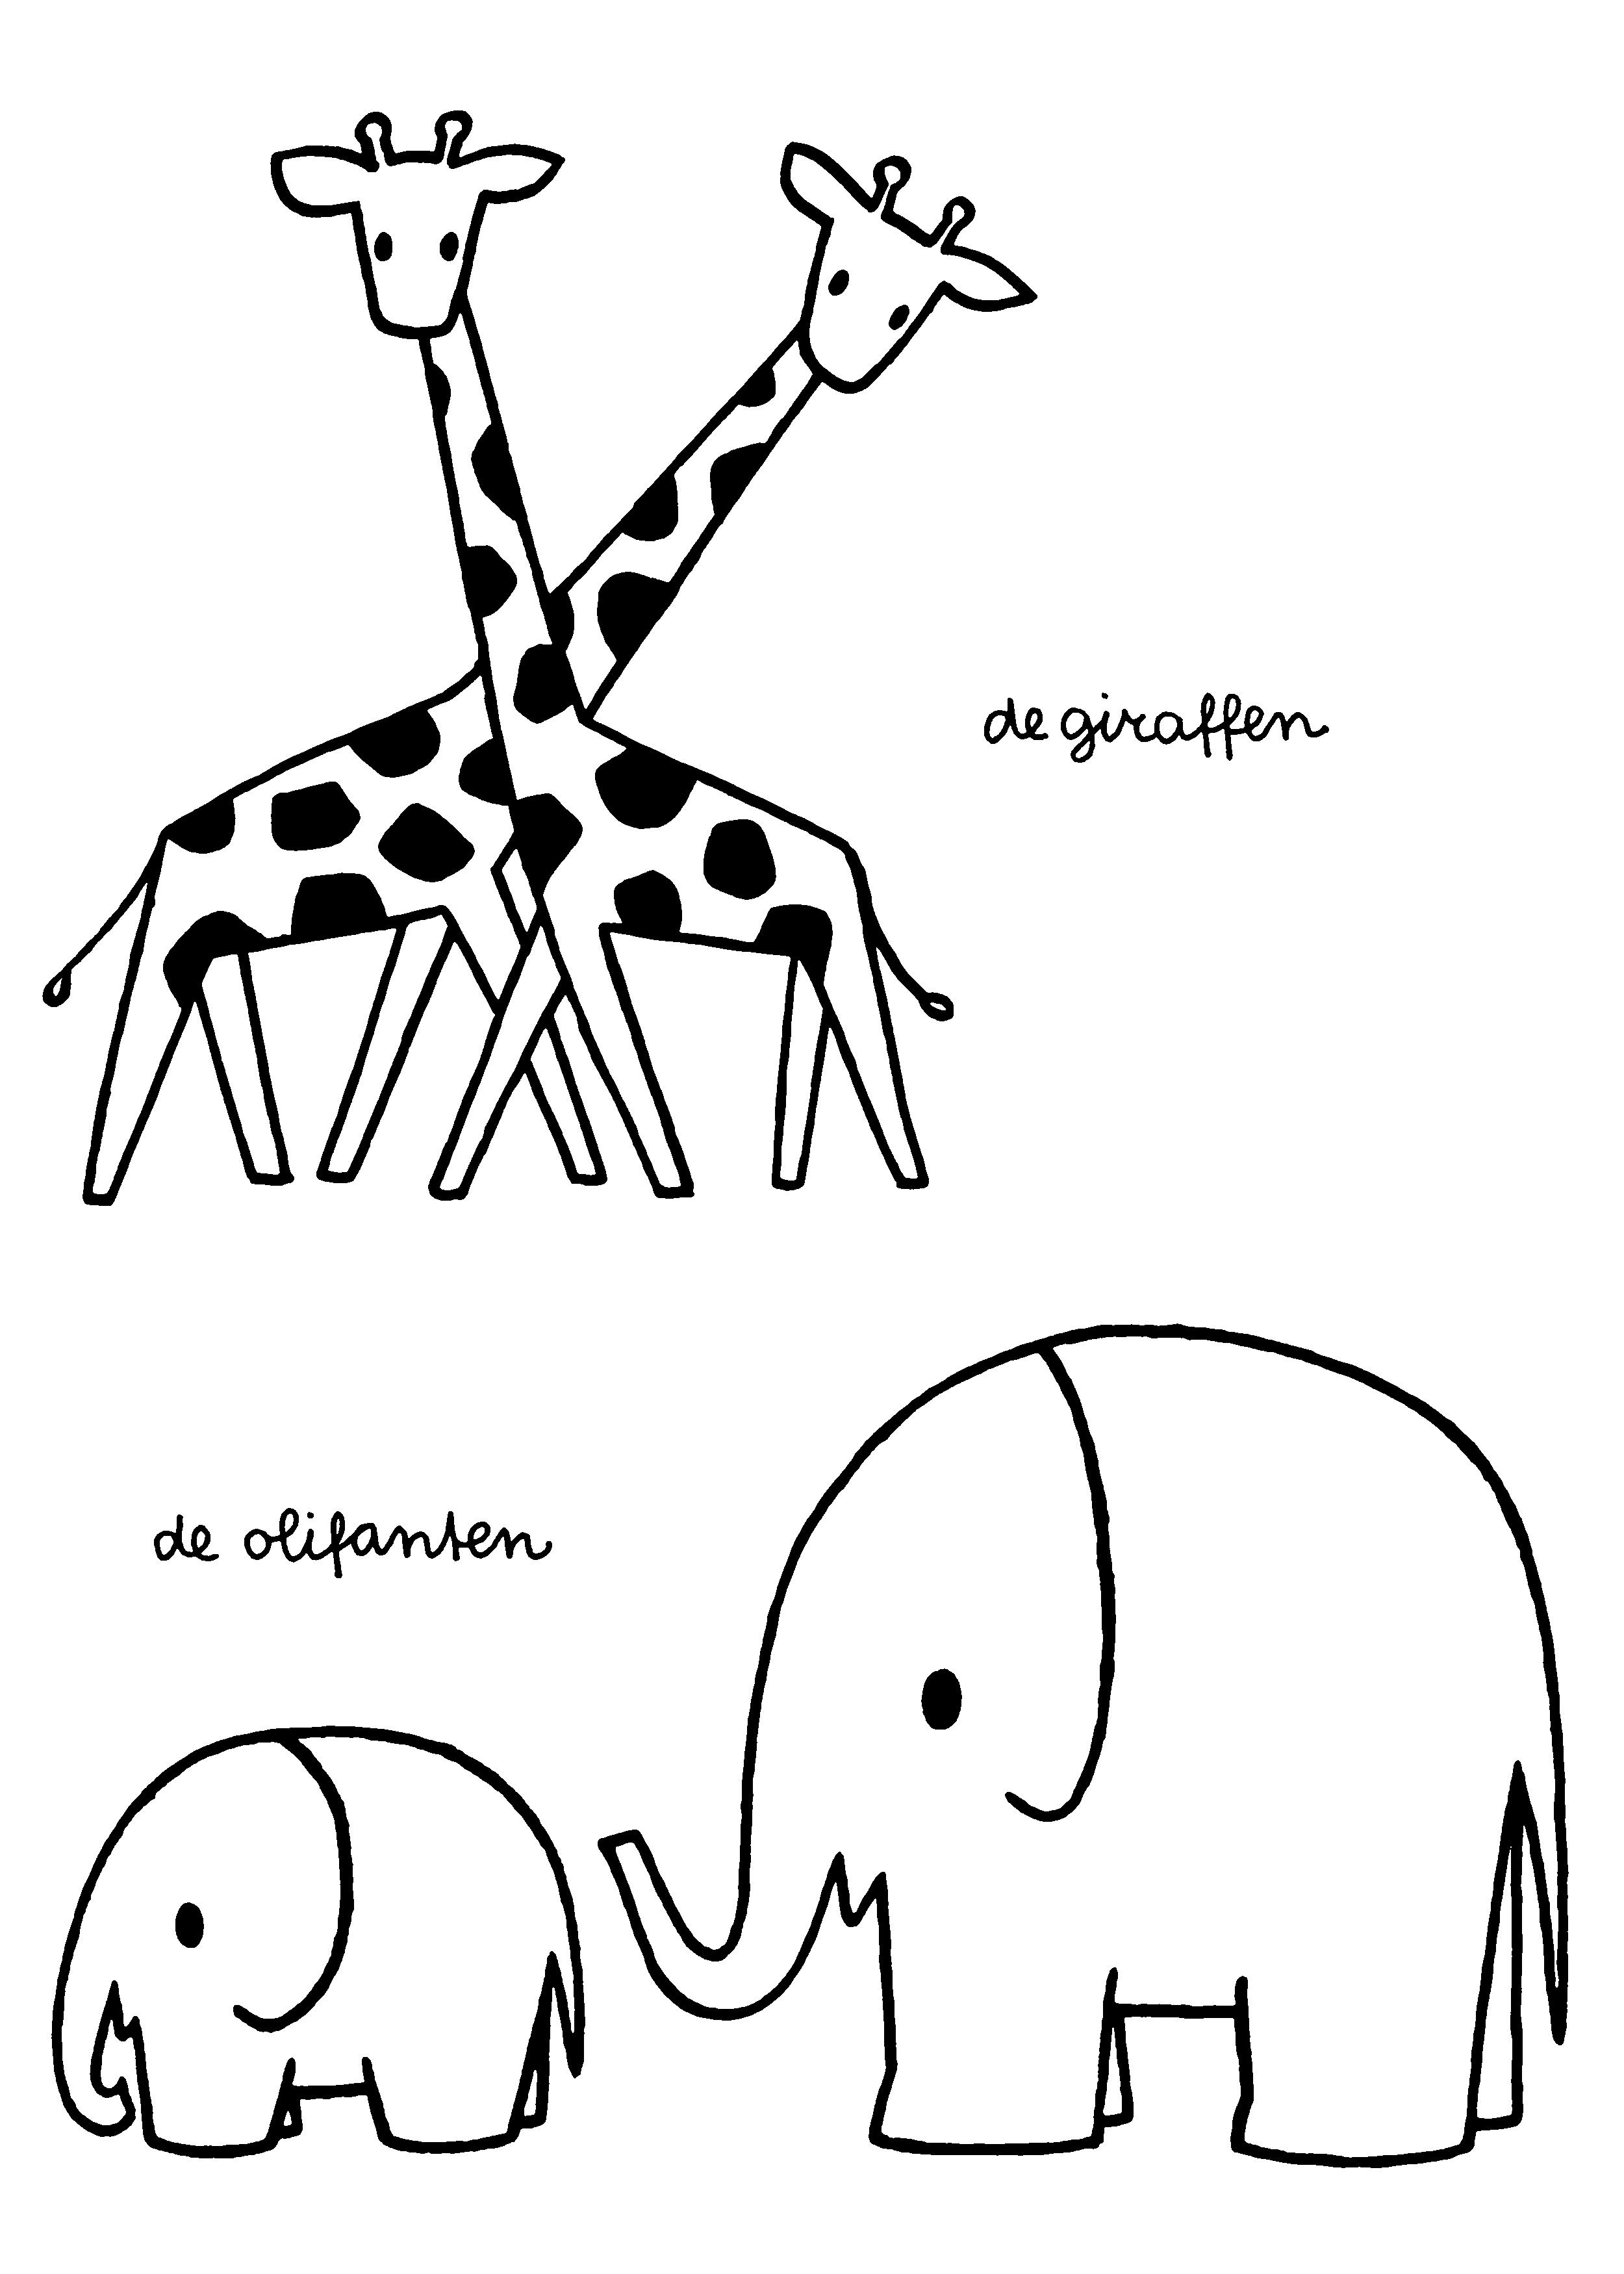 De Giraffen De Olifanten